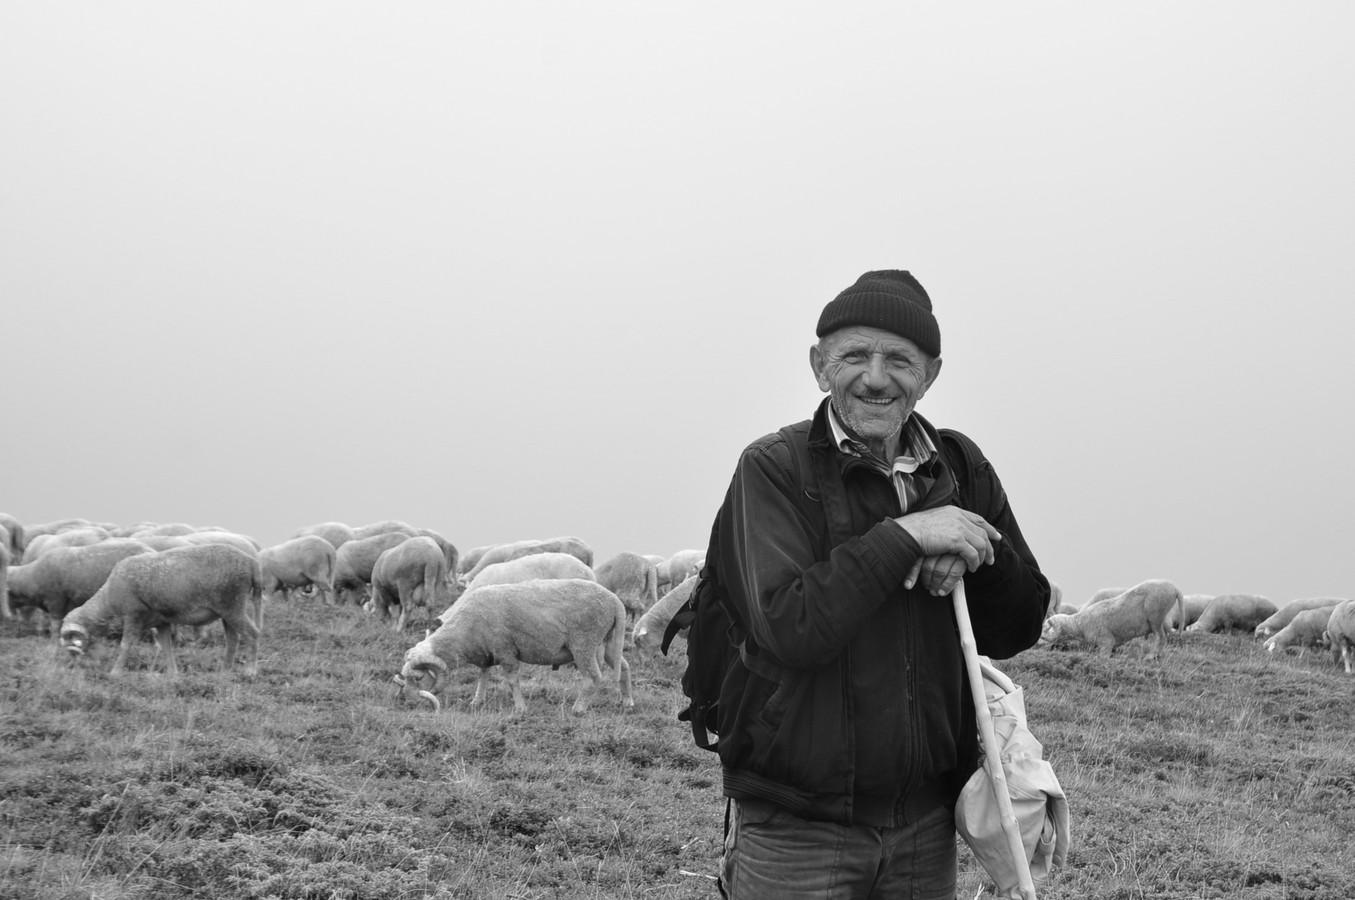 Makedonský pastýř